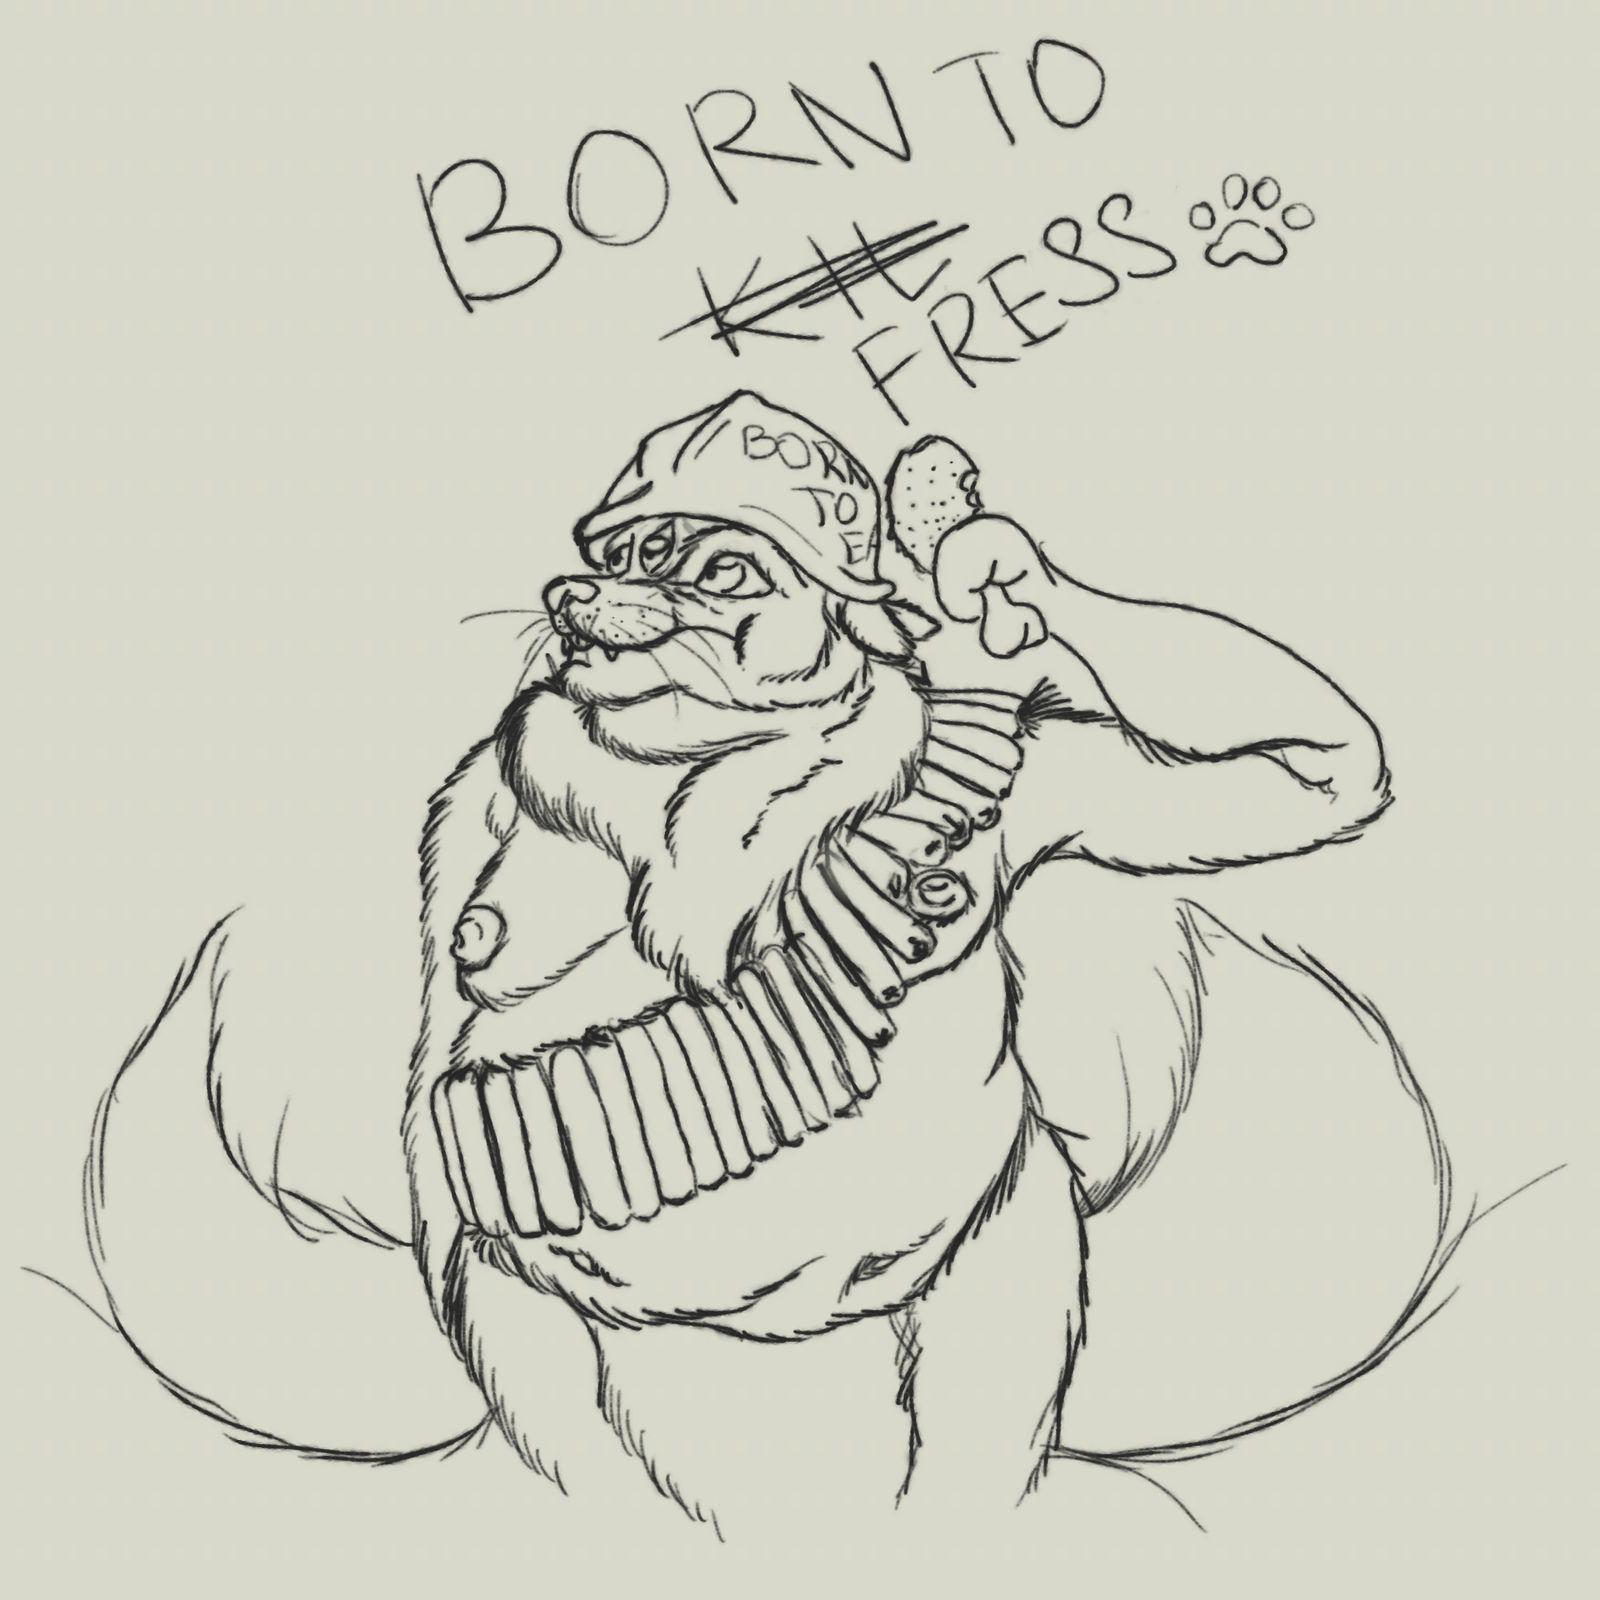 Born To Fress